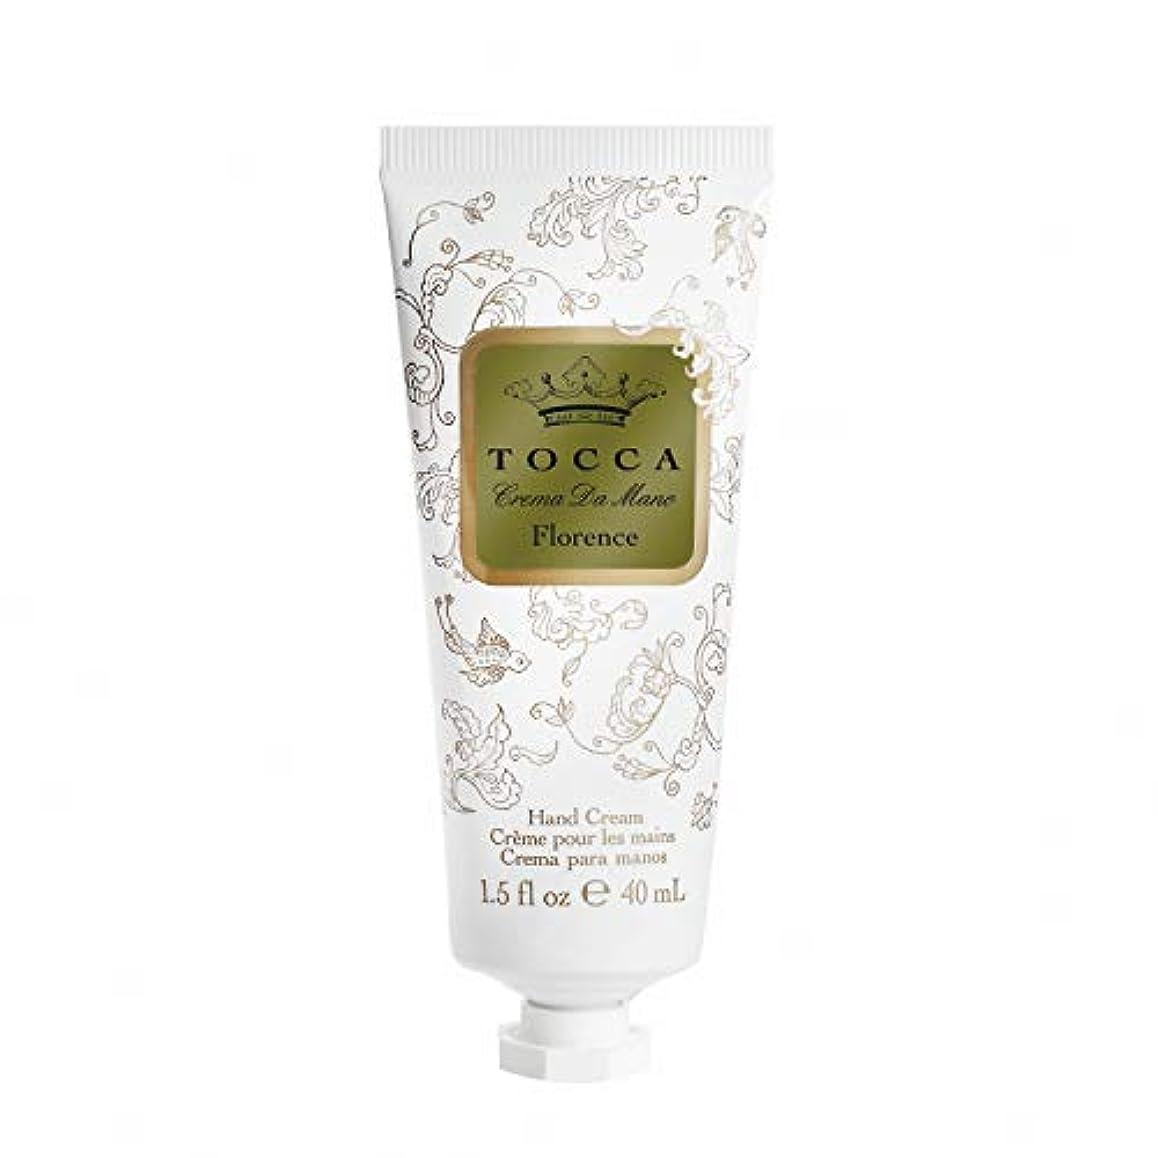 特異性怠惰を除くトッカ(TOCCA) ハンドクリーム フローレンスの香り 40mL (ガーデニアとベルガモットが誘うように溶け合うどこまでも上品なフローラルの香り)